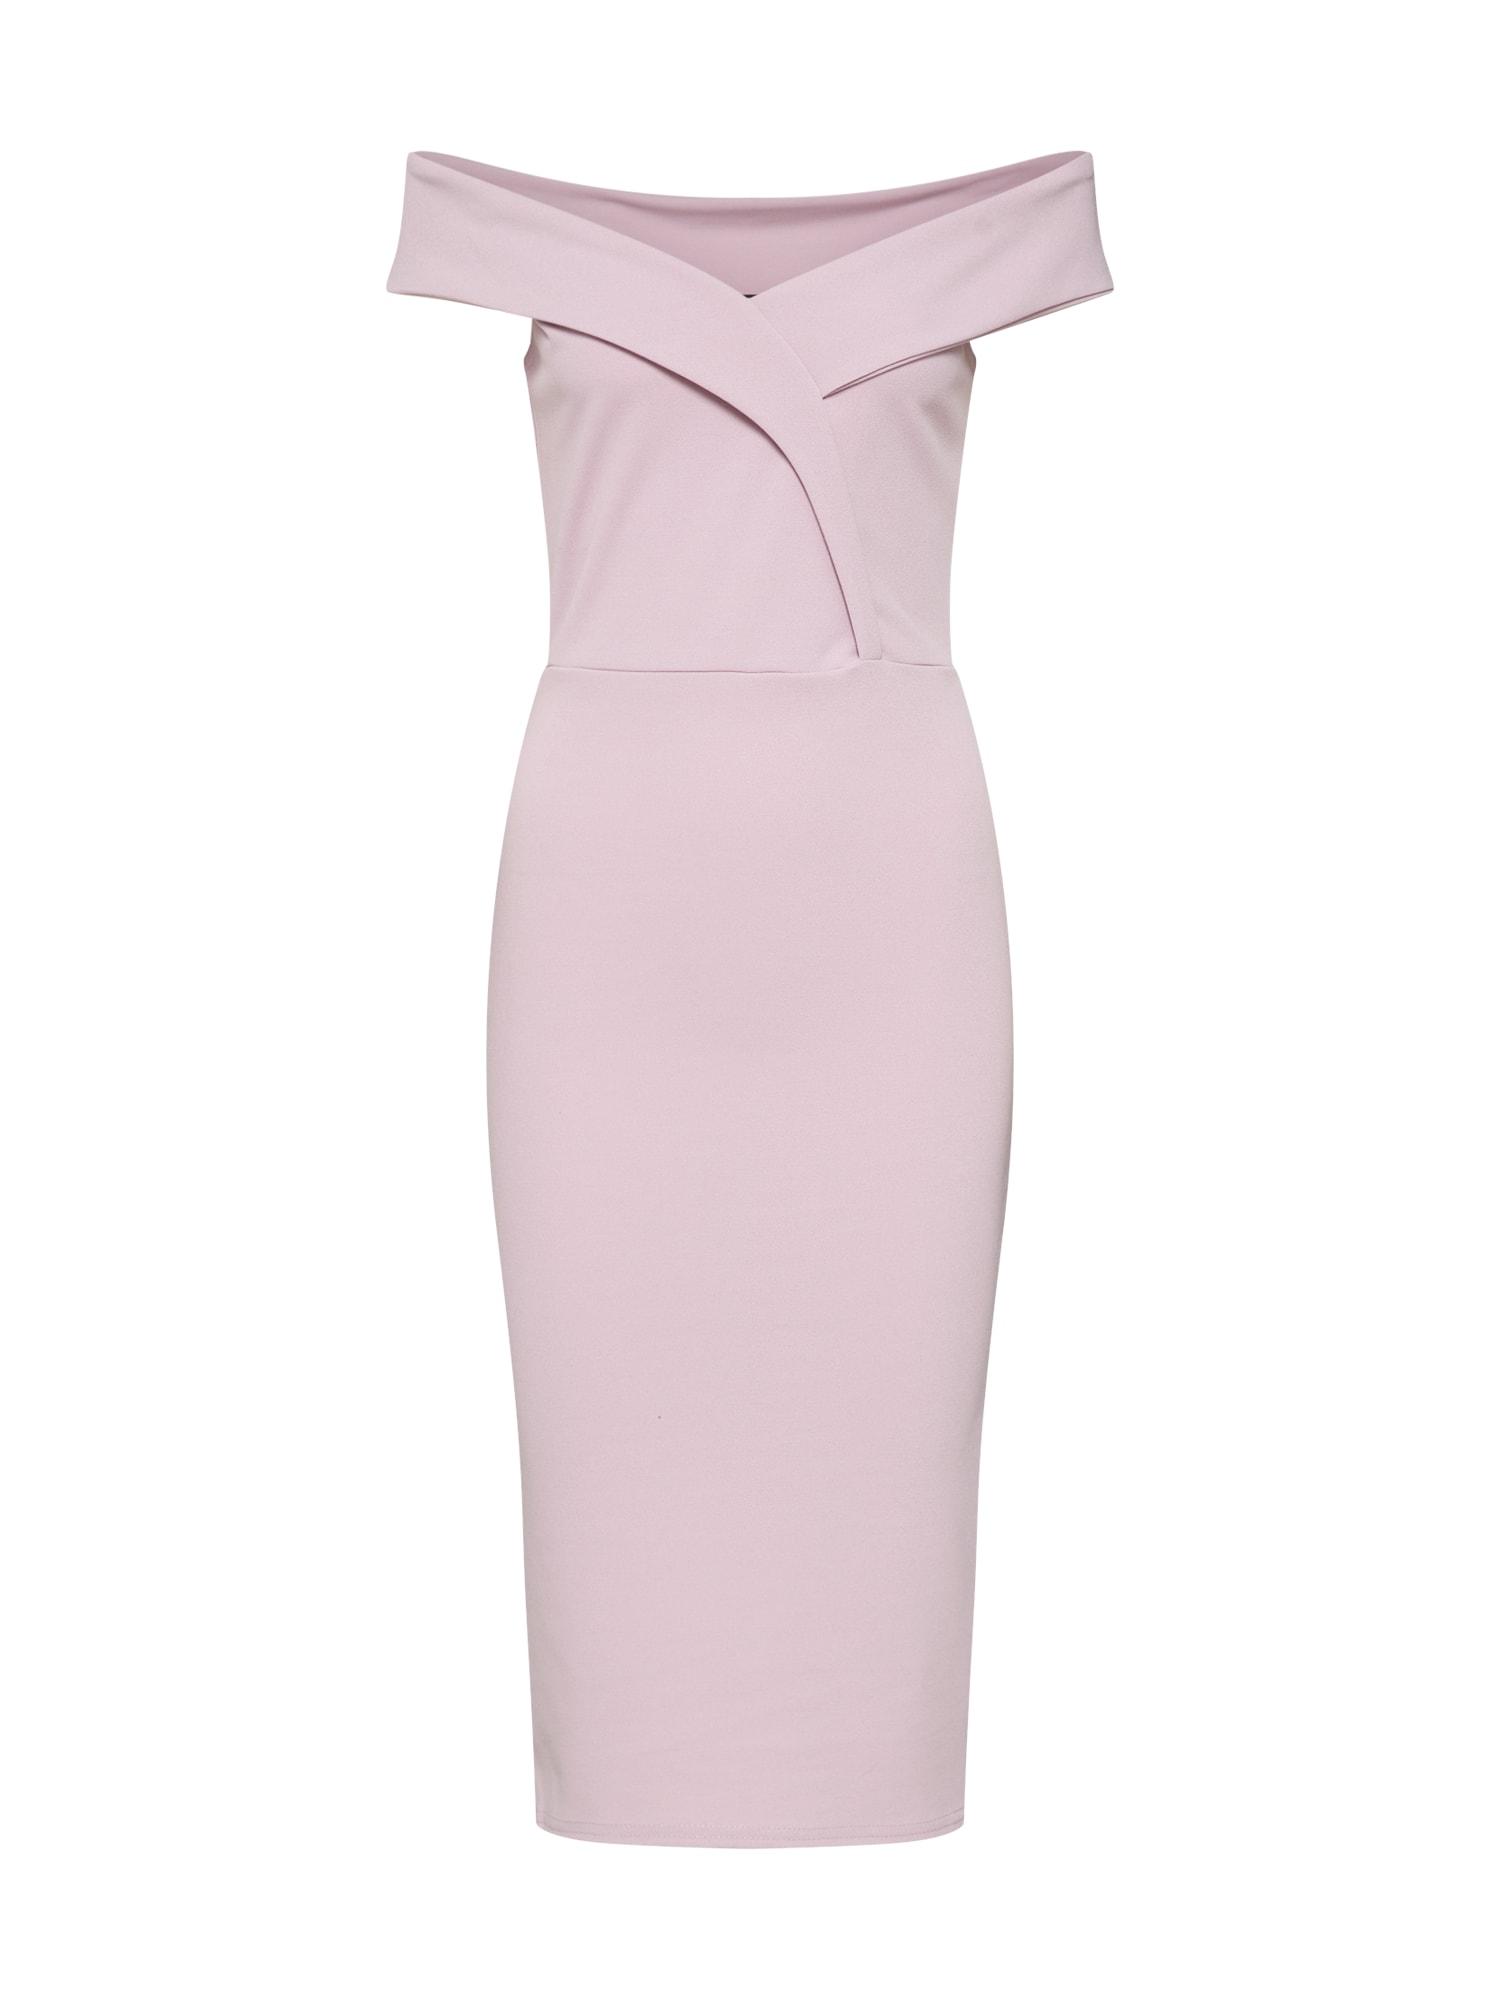 Pouzdrové šaty Bardot Midi lila Missguided